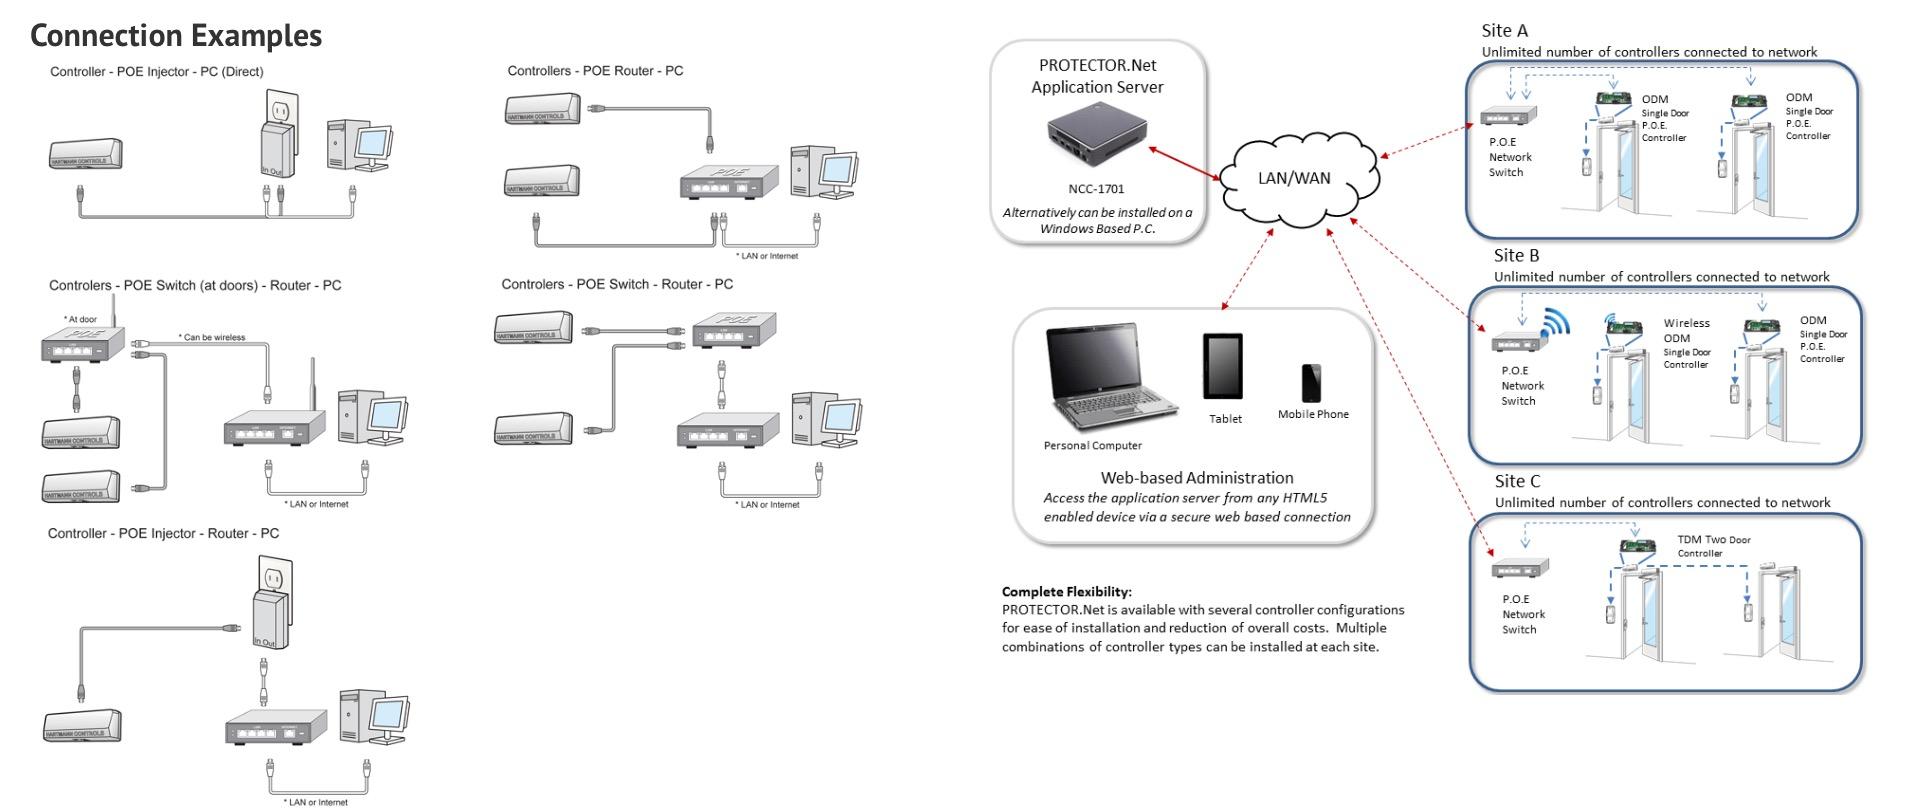 Secured Combo Controller - Hartmann Access Profile